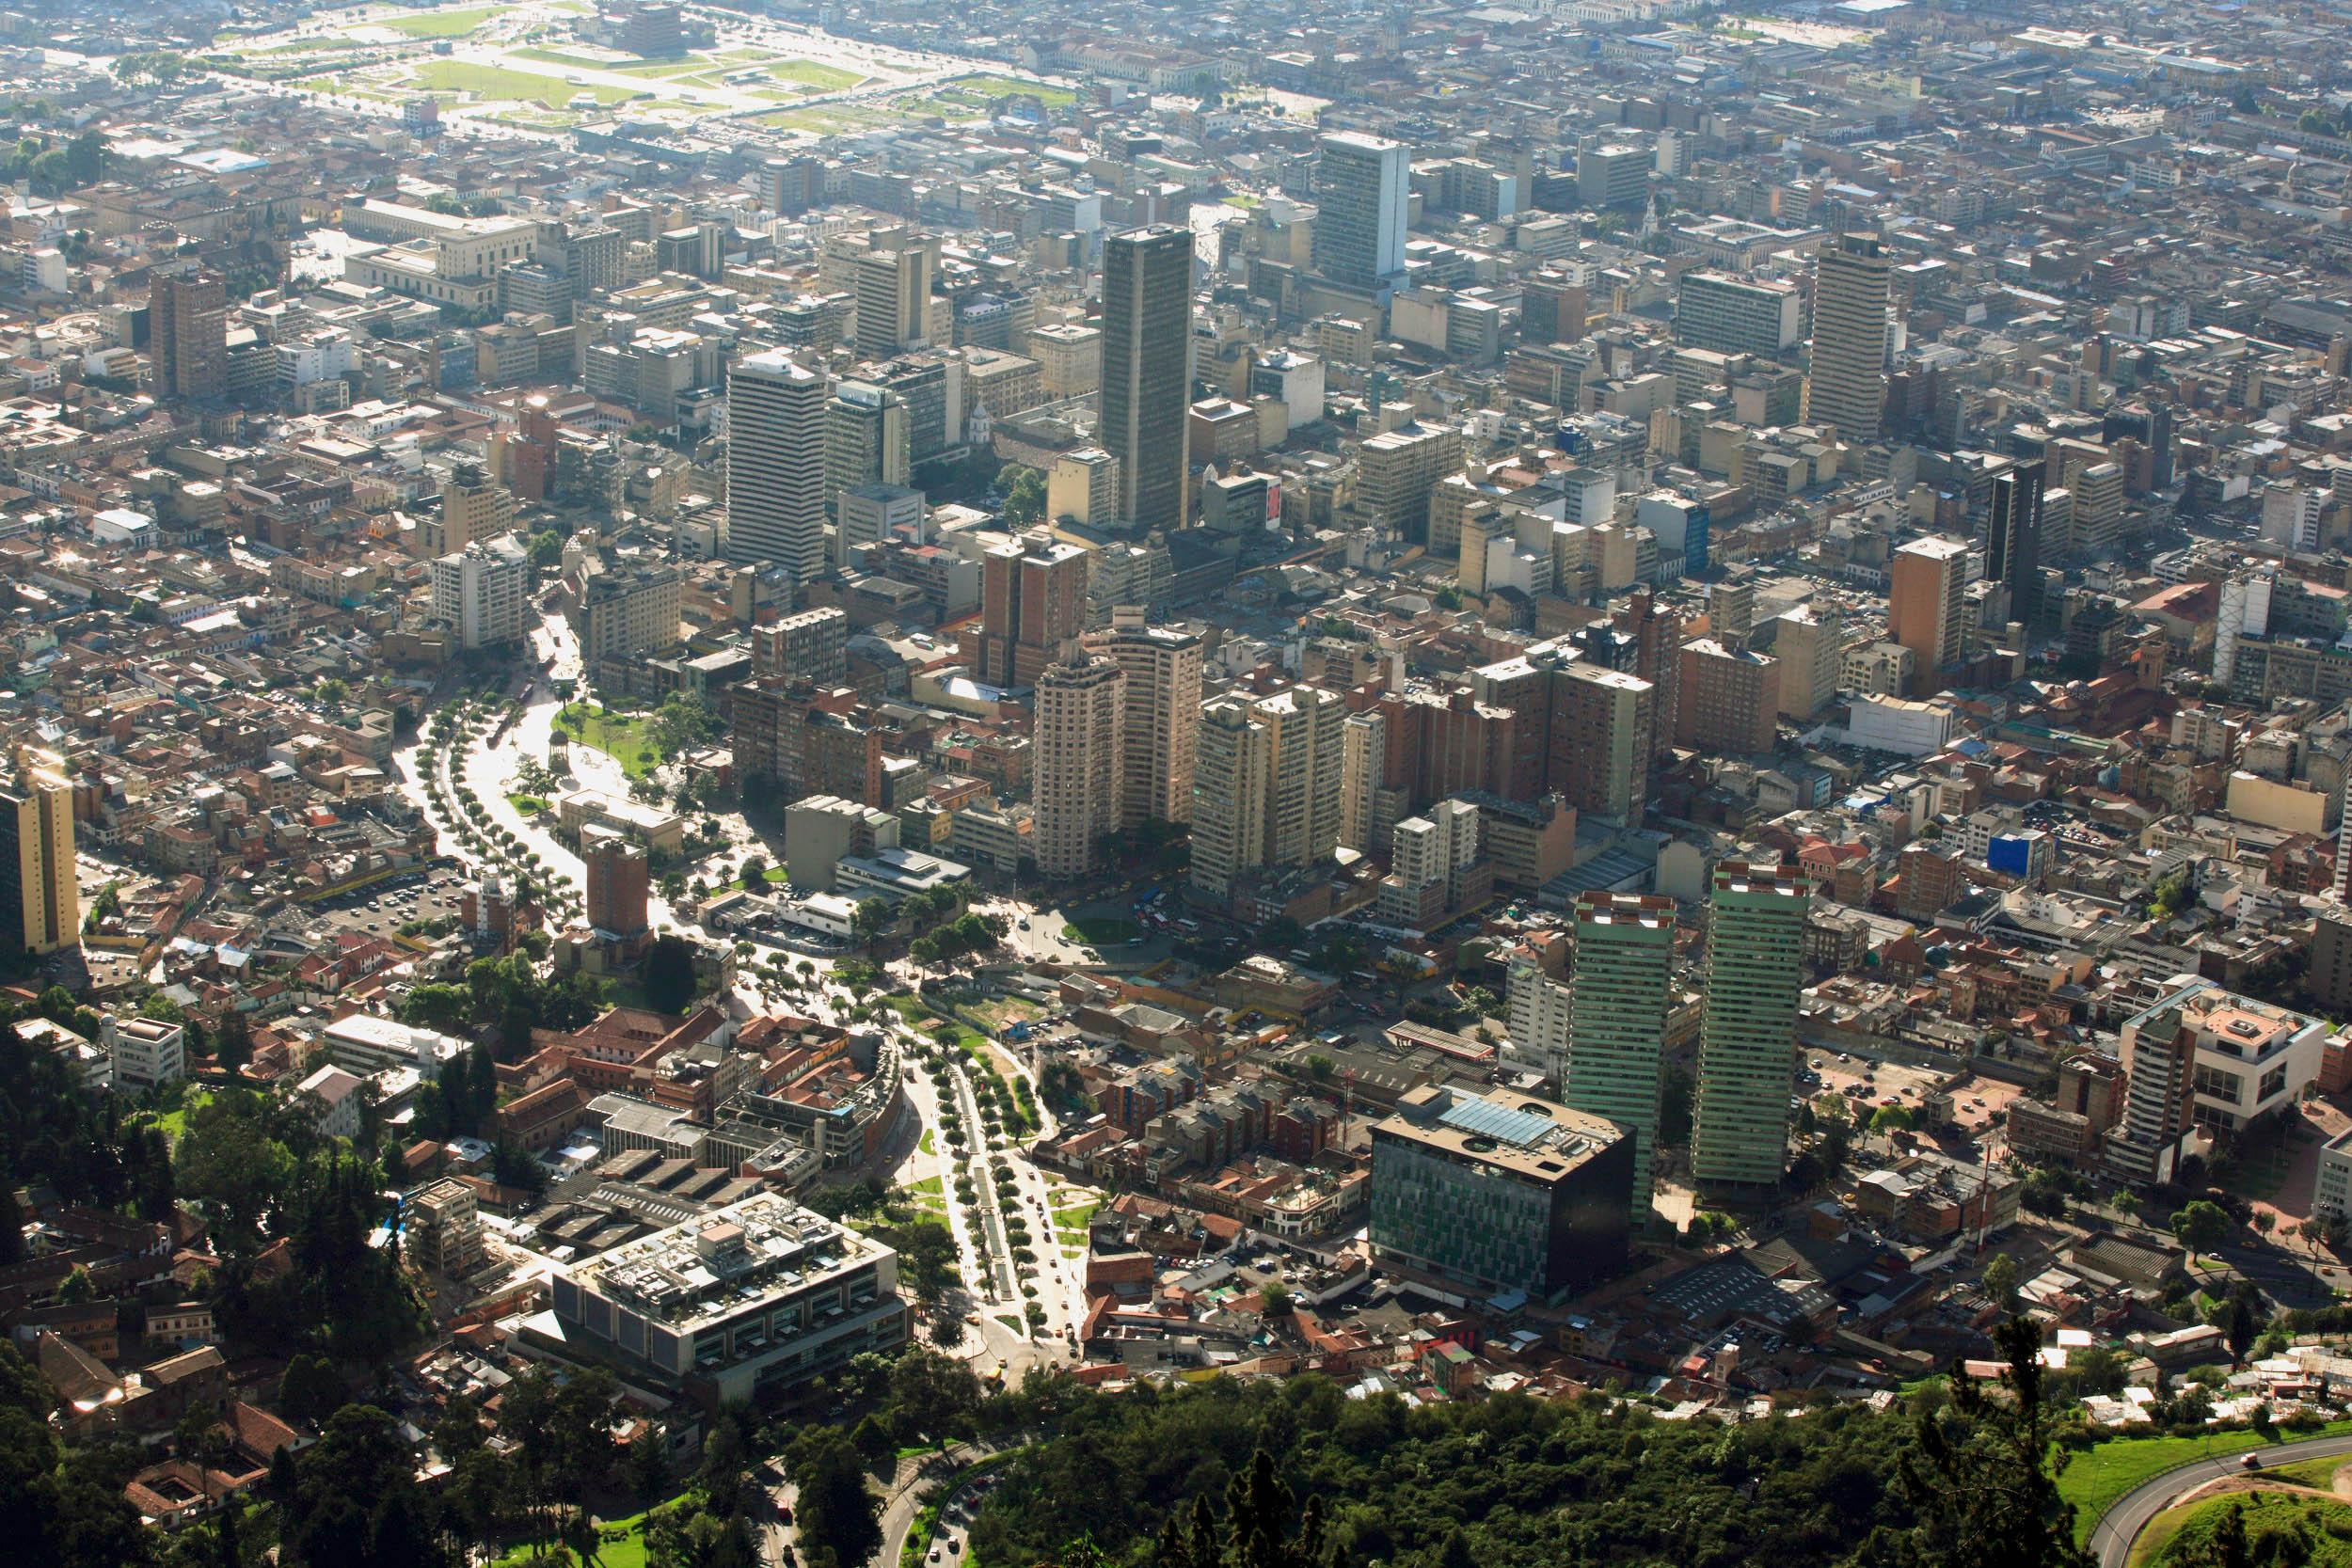 Bogotá aérea